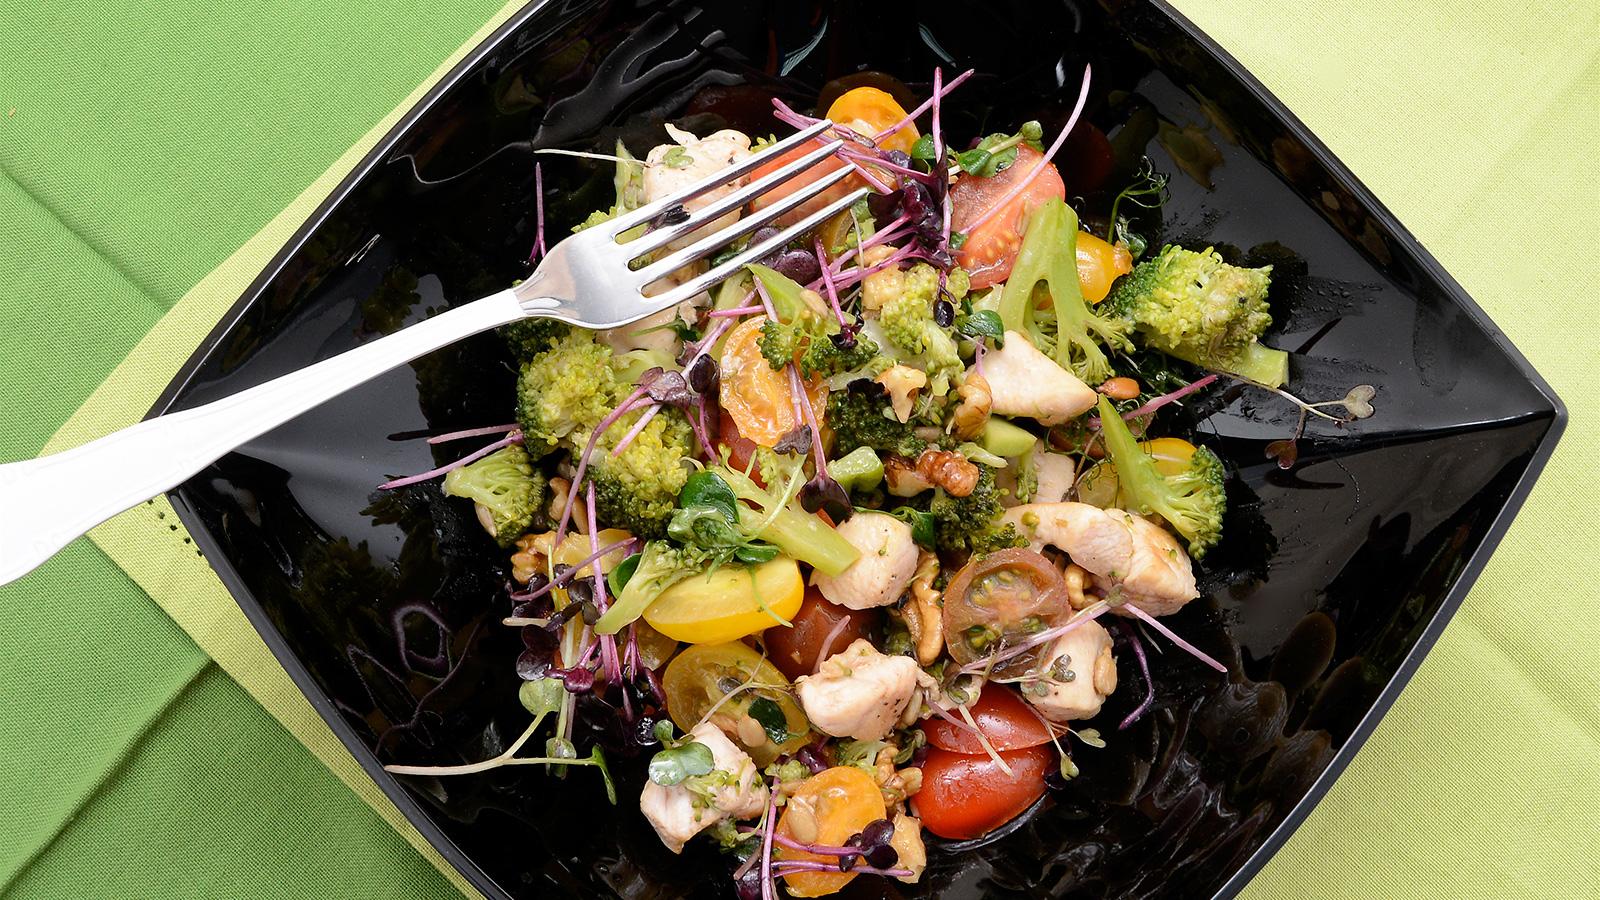 Recetas saludables: Ensalada de brócoli